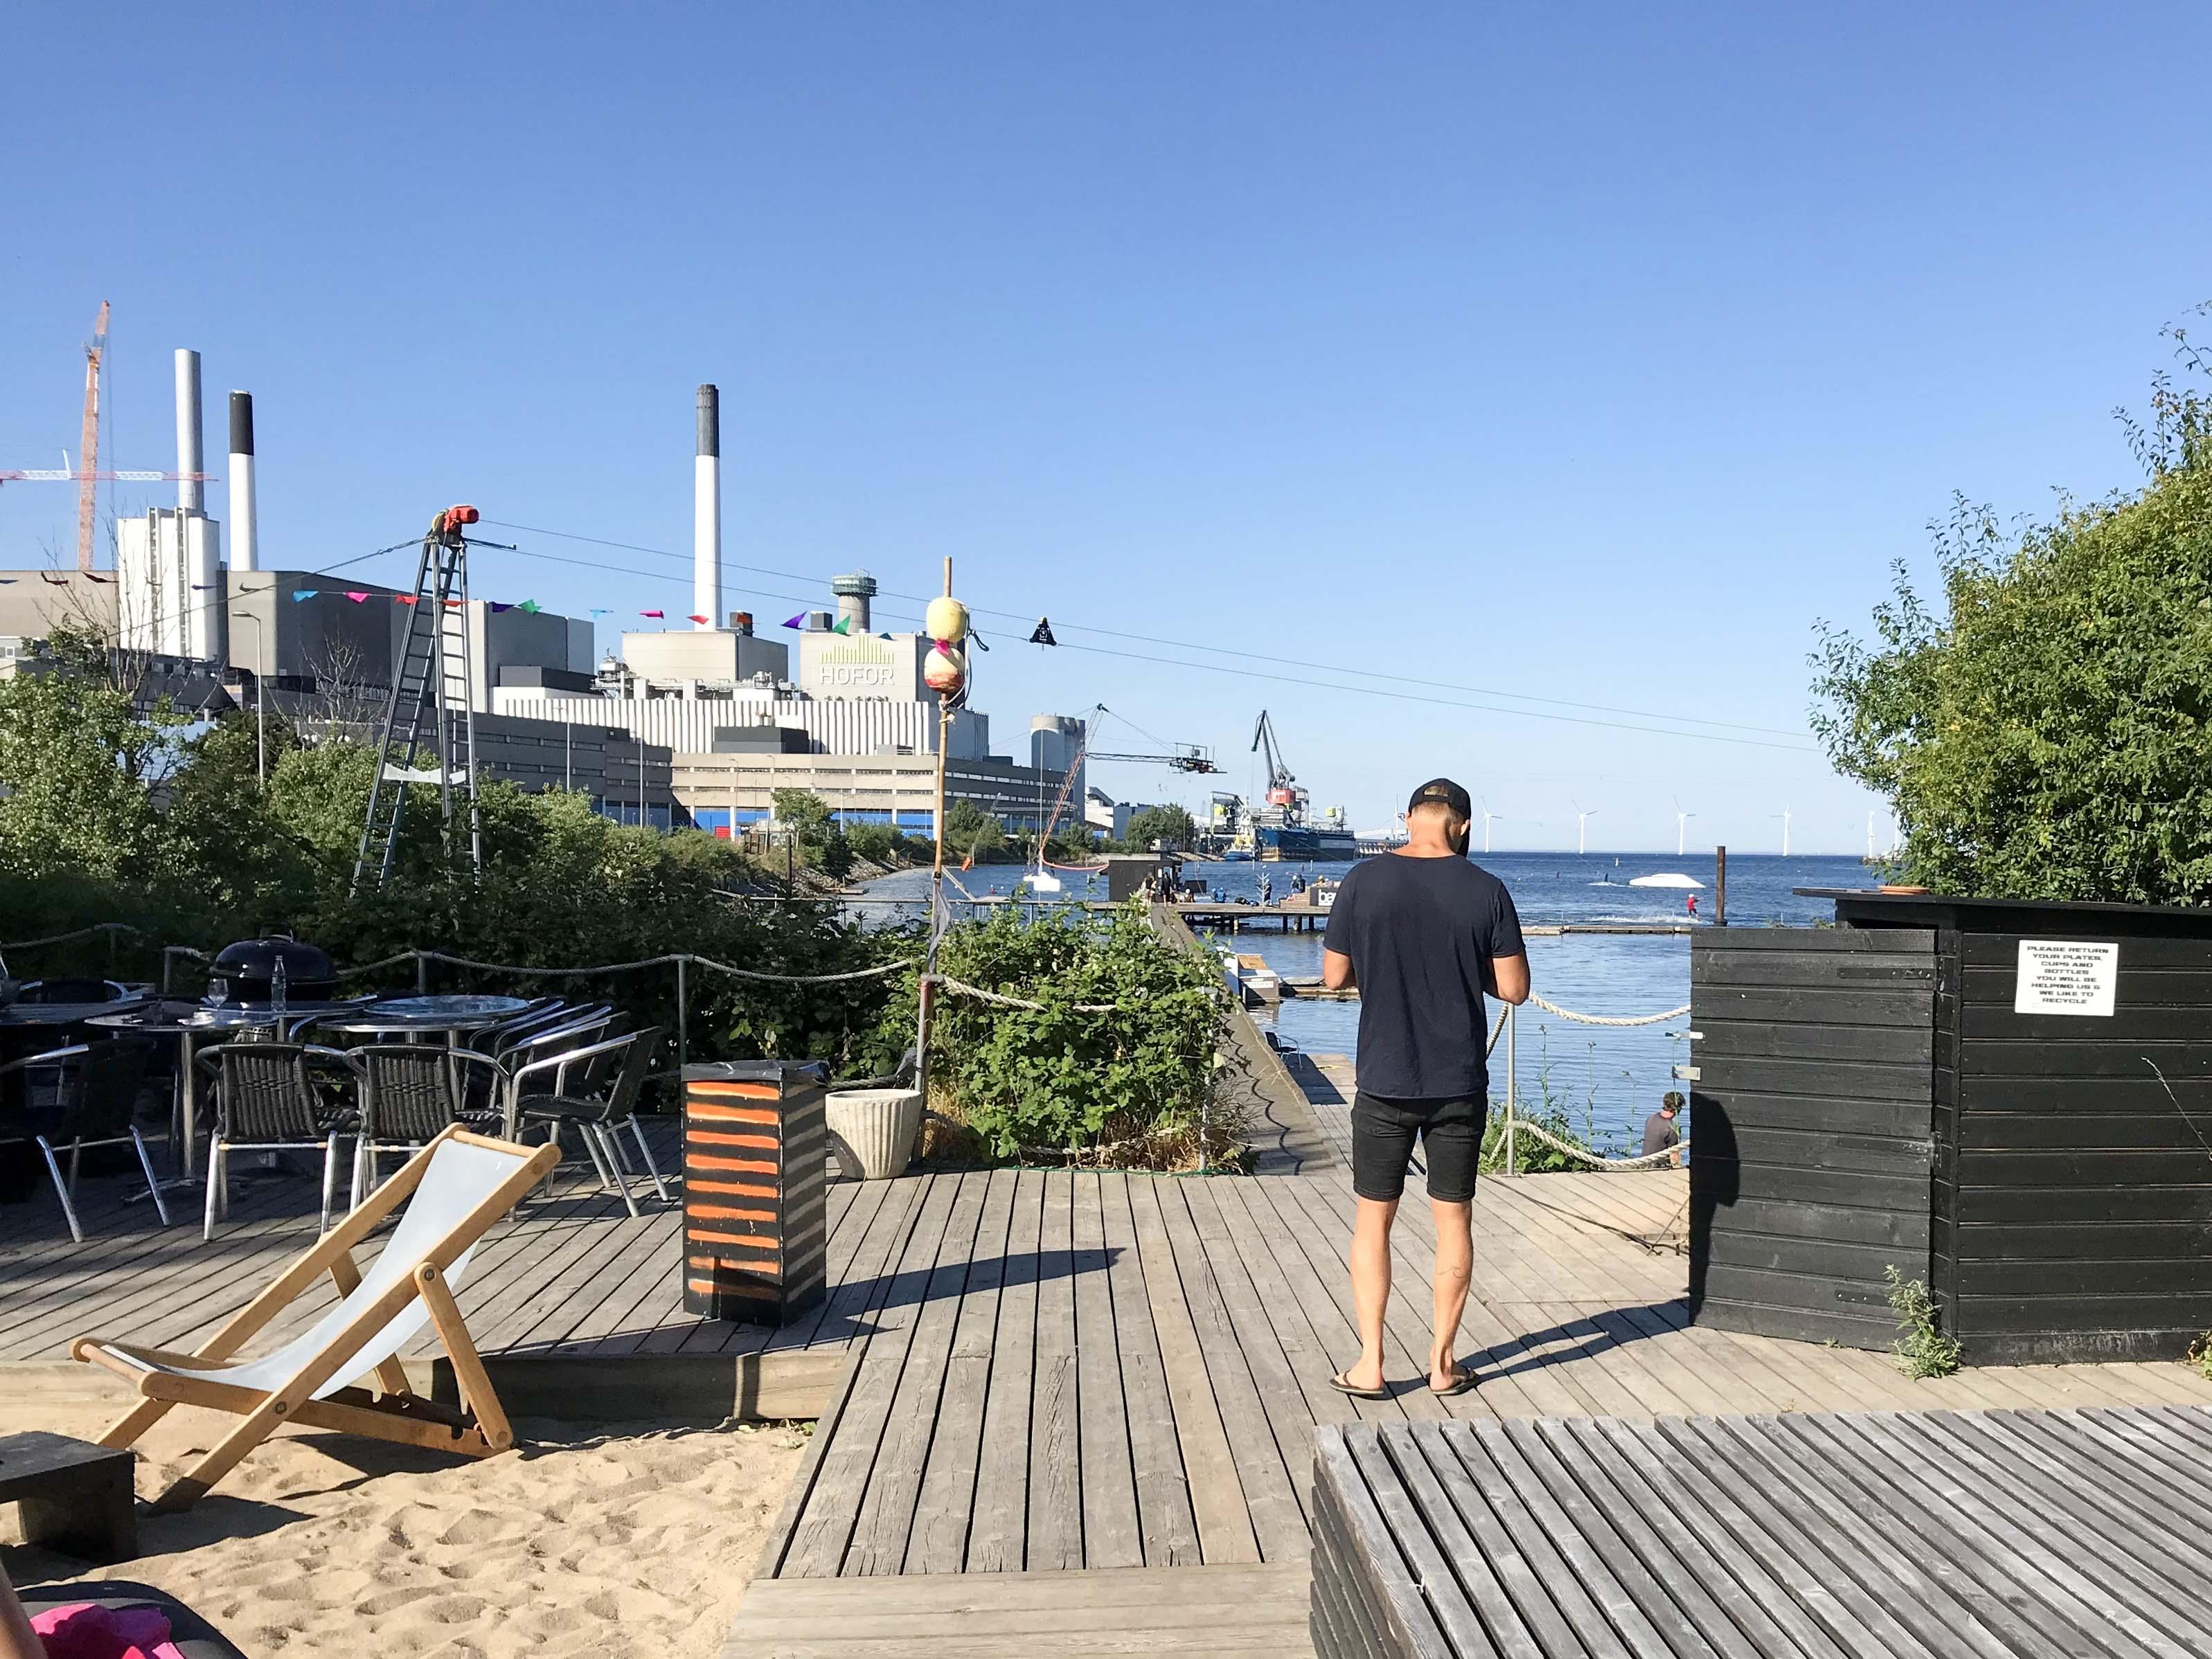 Cablepark Kopenhagen